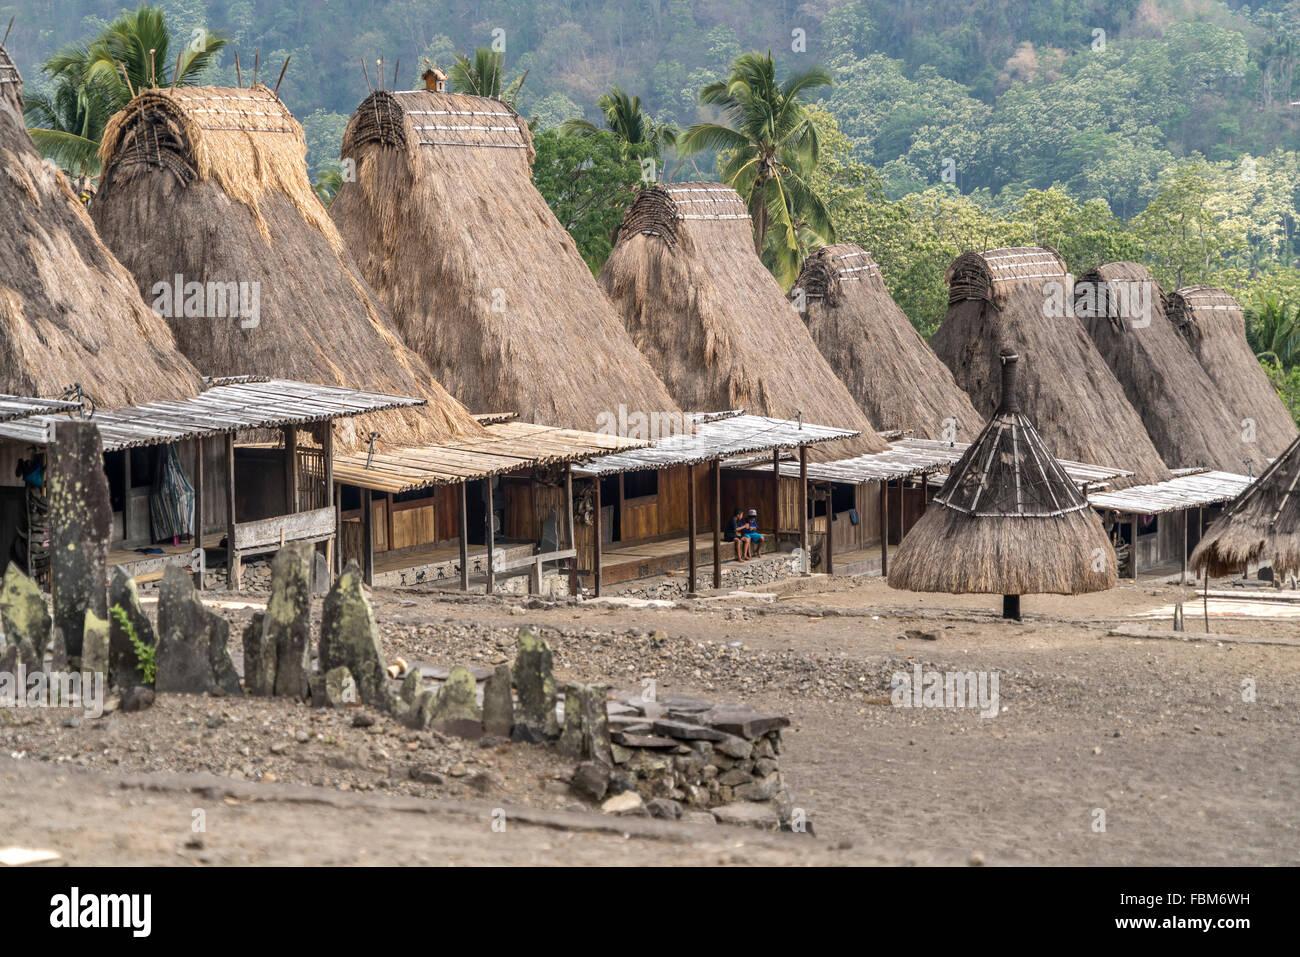 traditionelle hohe strohgedeckte Häuser und Schreine in der Ngada Dorf Gurusina in der Nähe von Bajawa, Stockbild